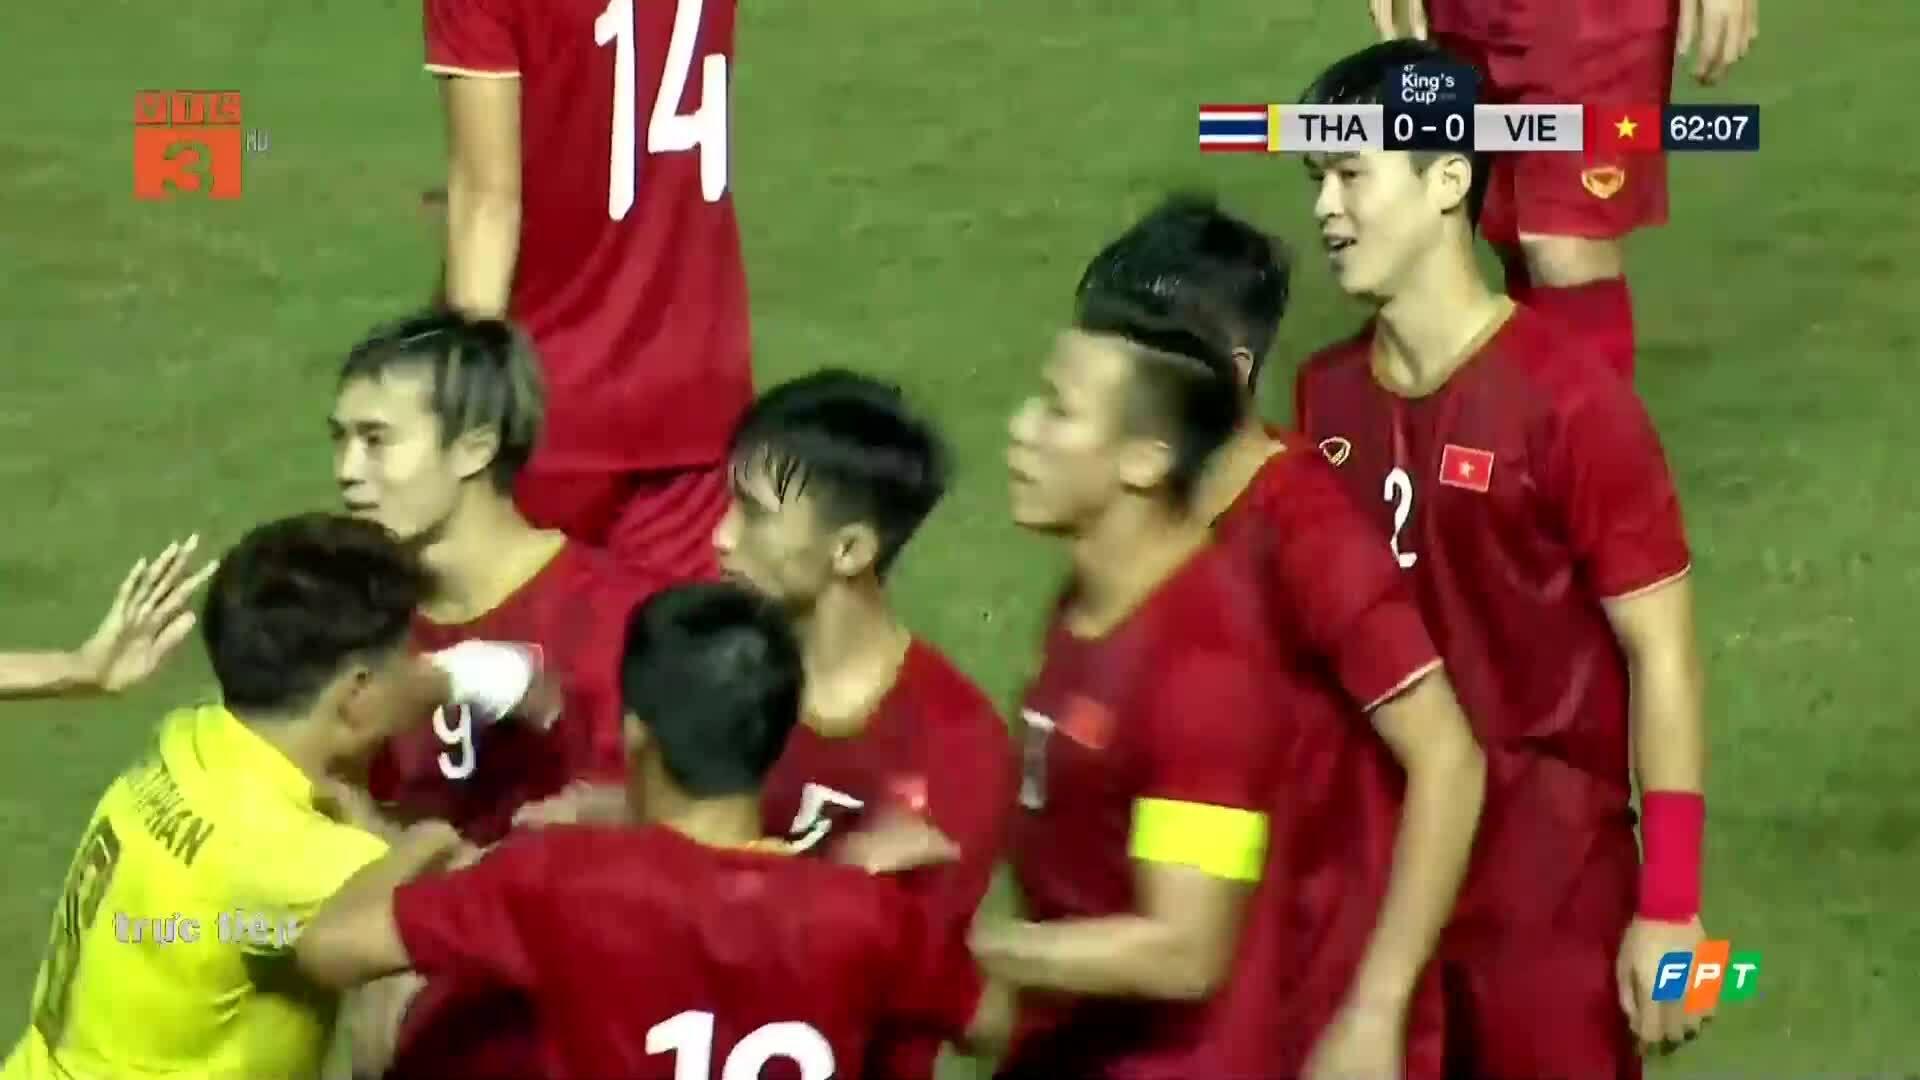 Cầu thủ Thái Lan tát Văn Hậu